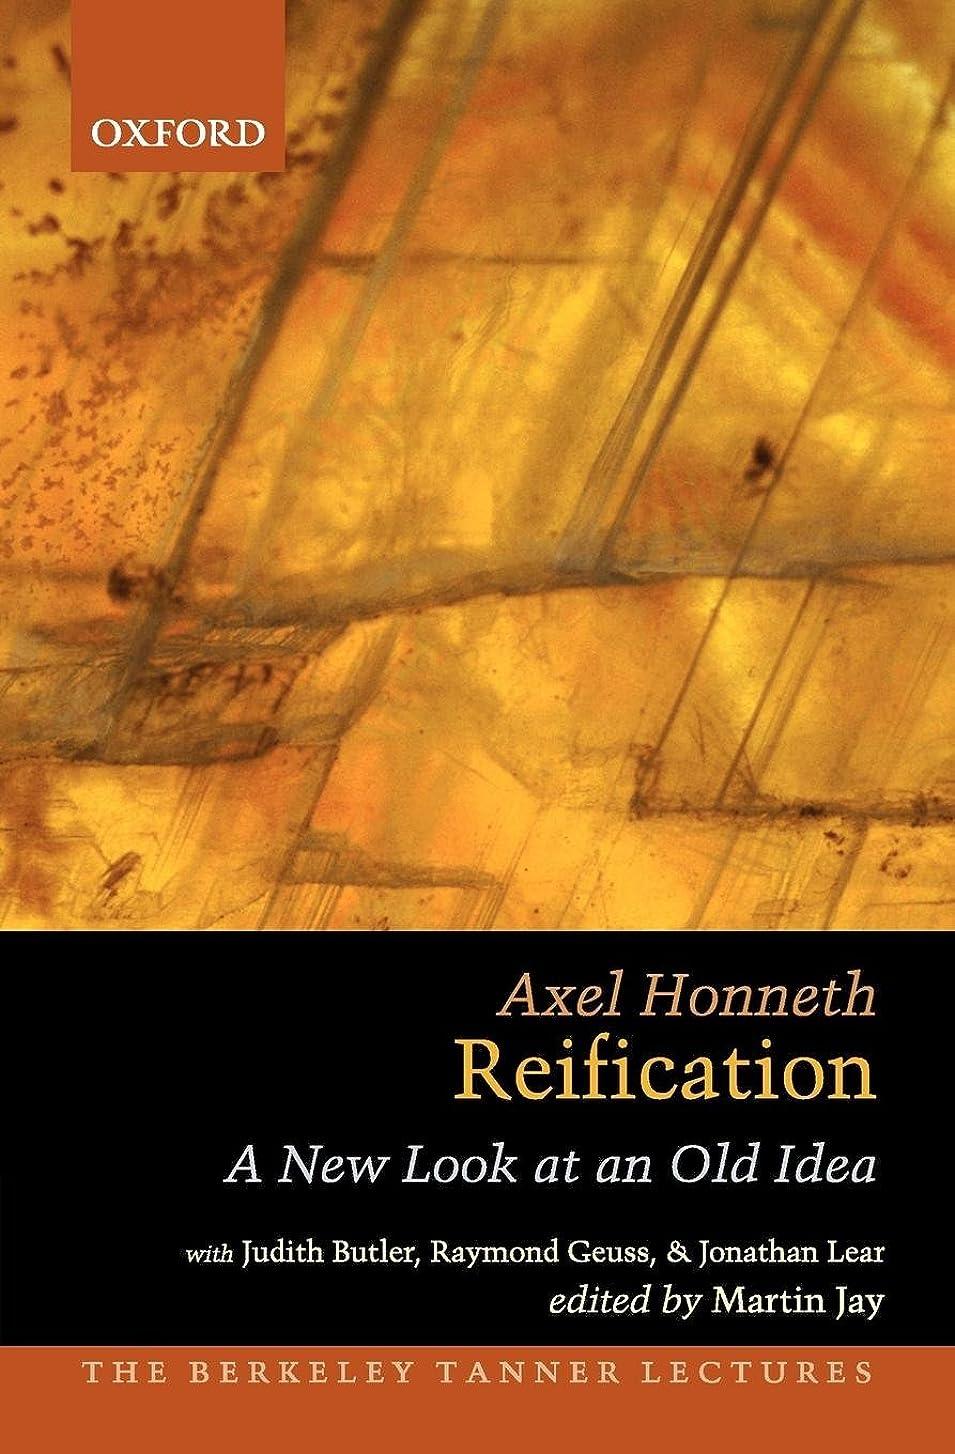 蒸発哀申し立てReification: A New Look at an Old Idea (The Berkeley Tanner Lectures)